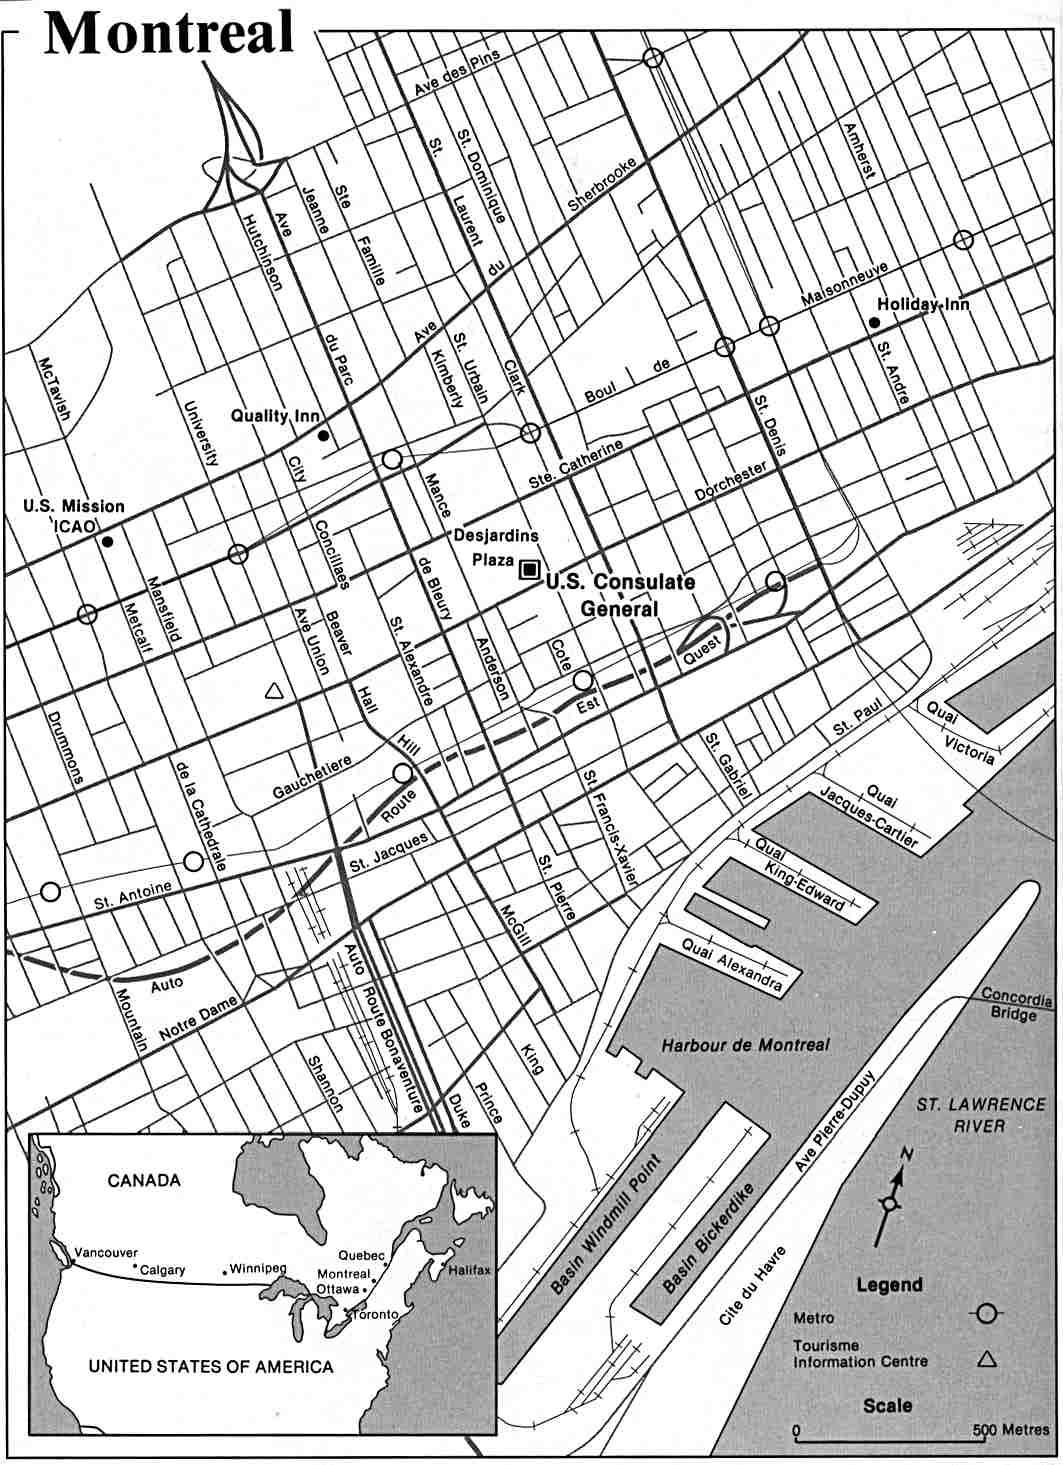 Mapa de la Ciudad de Montreal, Québec, Canadá